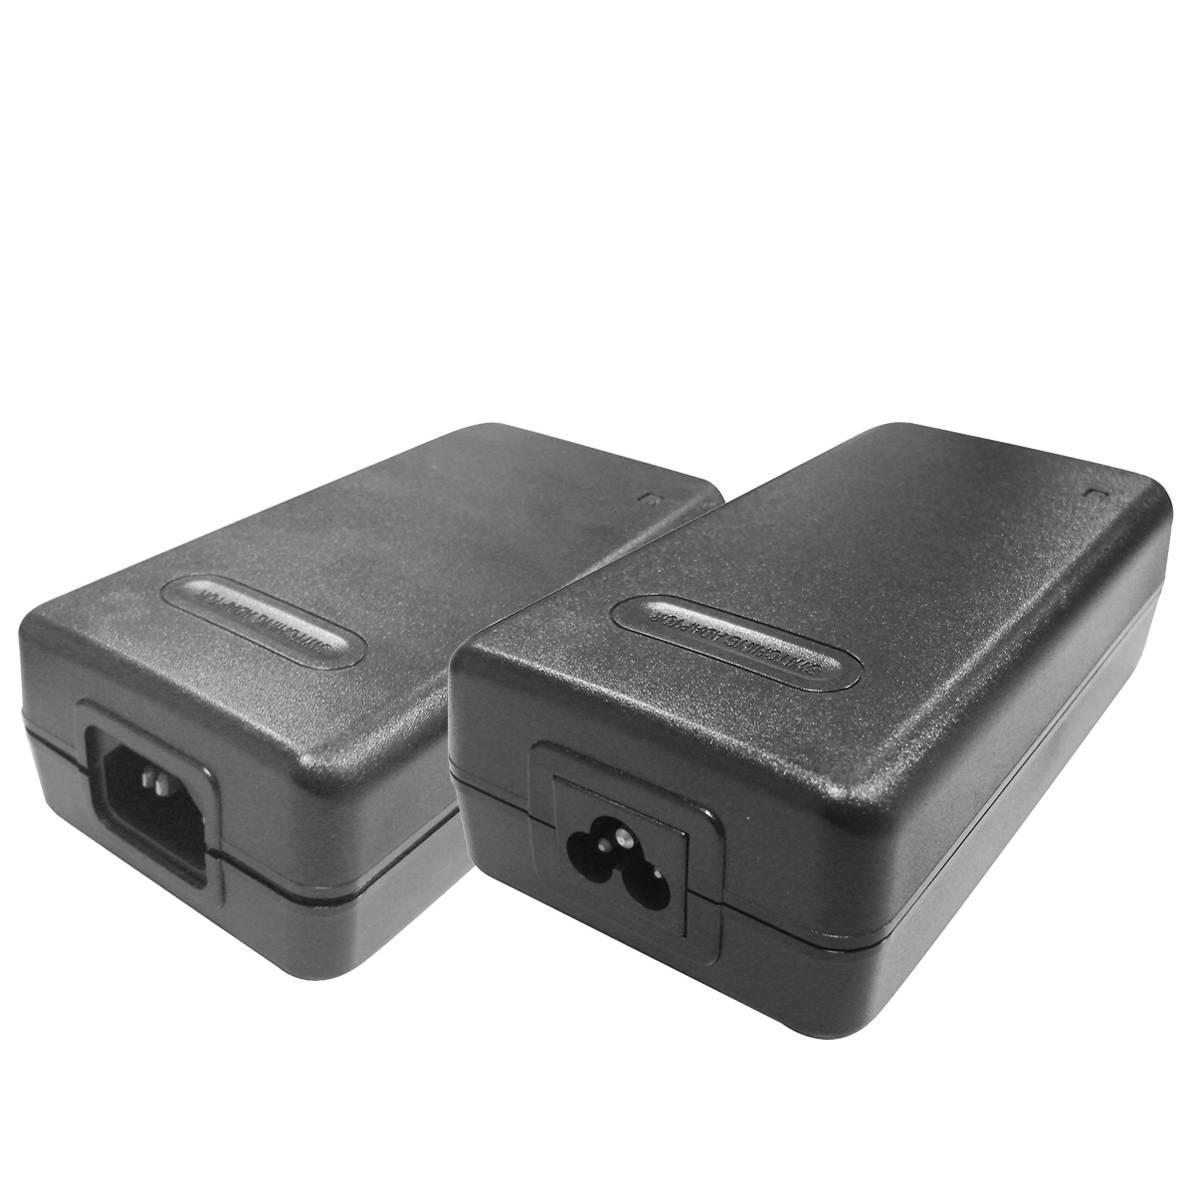 AGM070  70W Medical Desktop Adapter